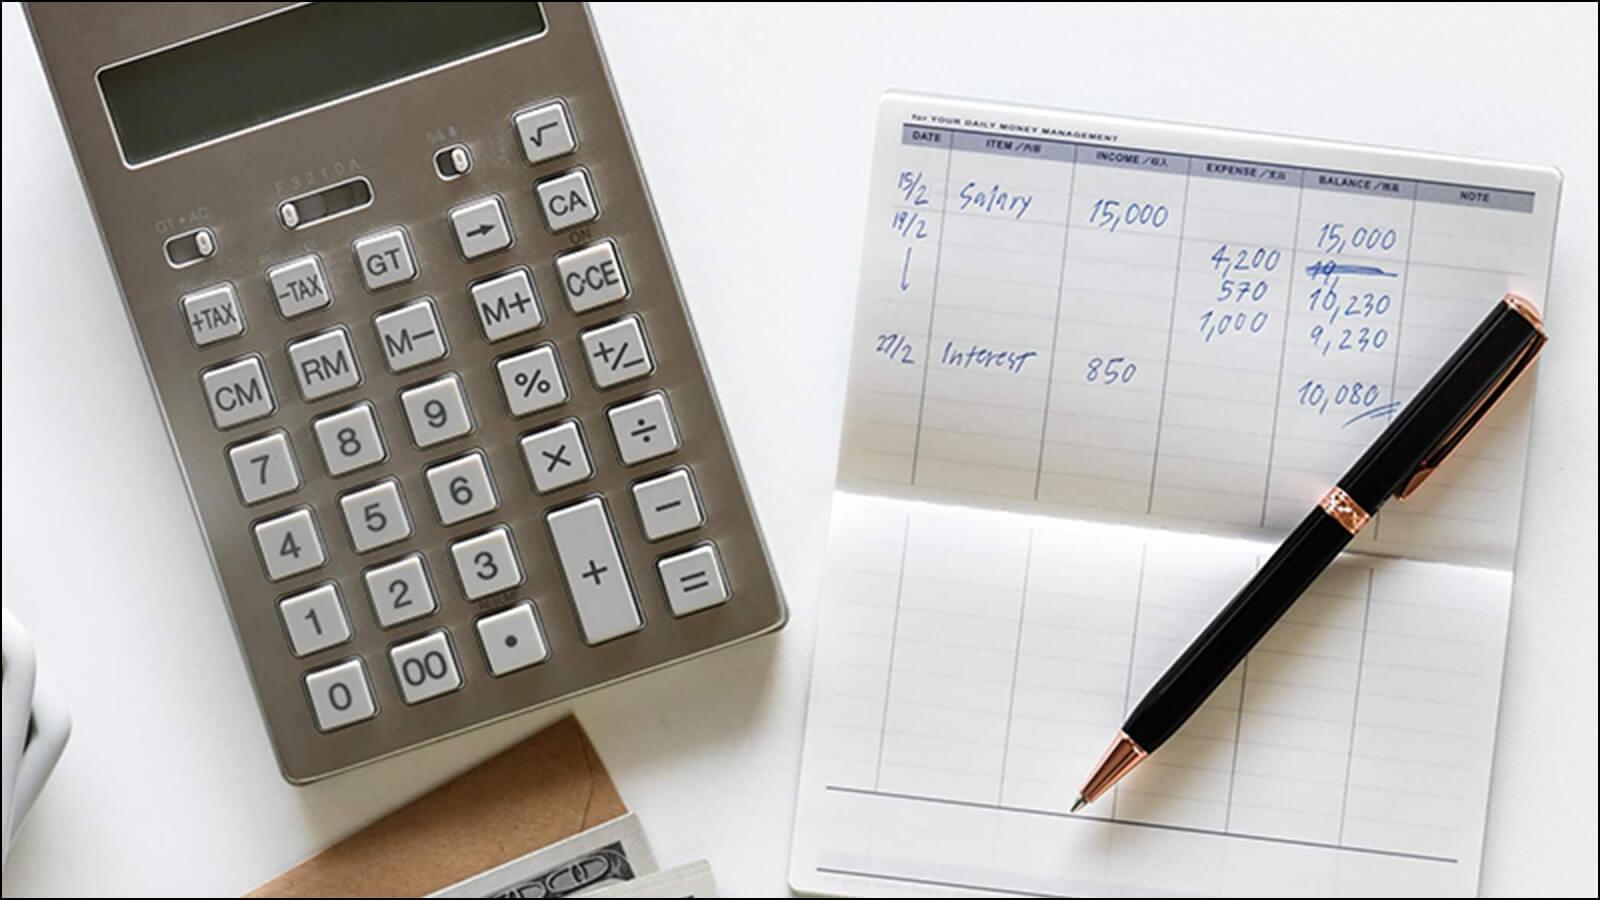 【iPhone修理】料金の相場を知ってベストな方法を選ぶ